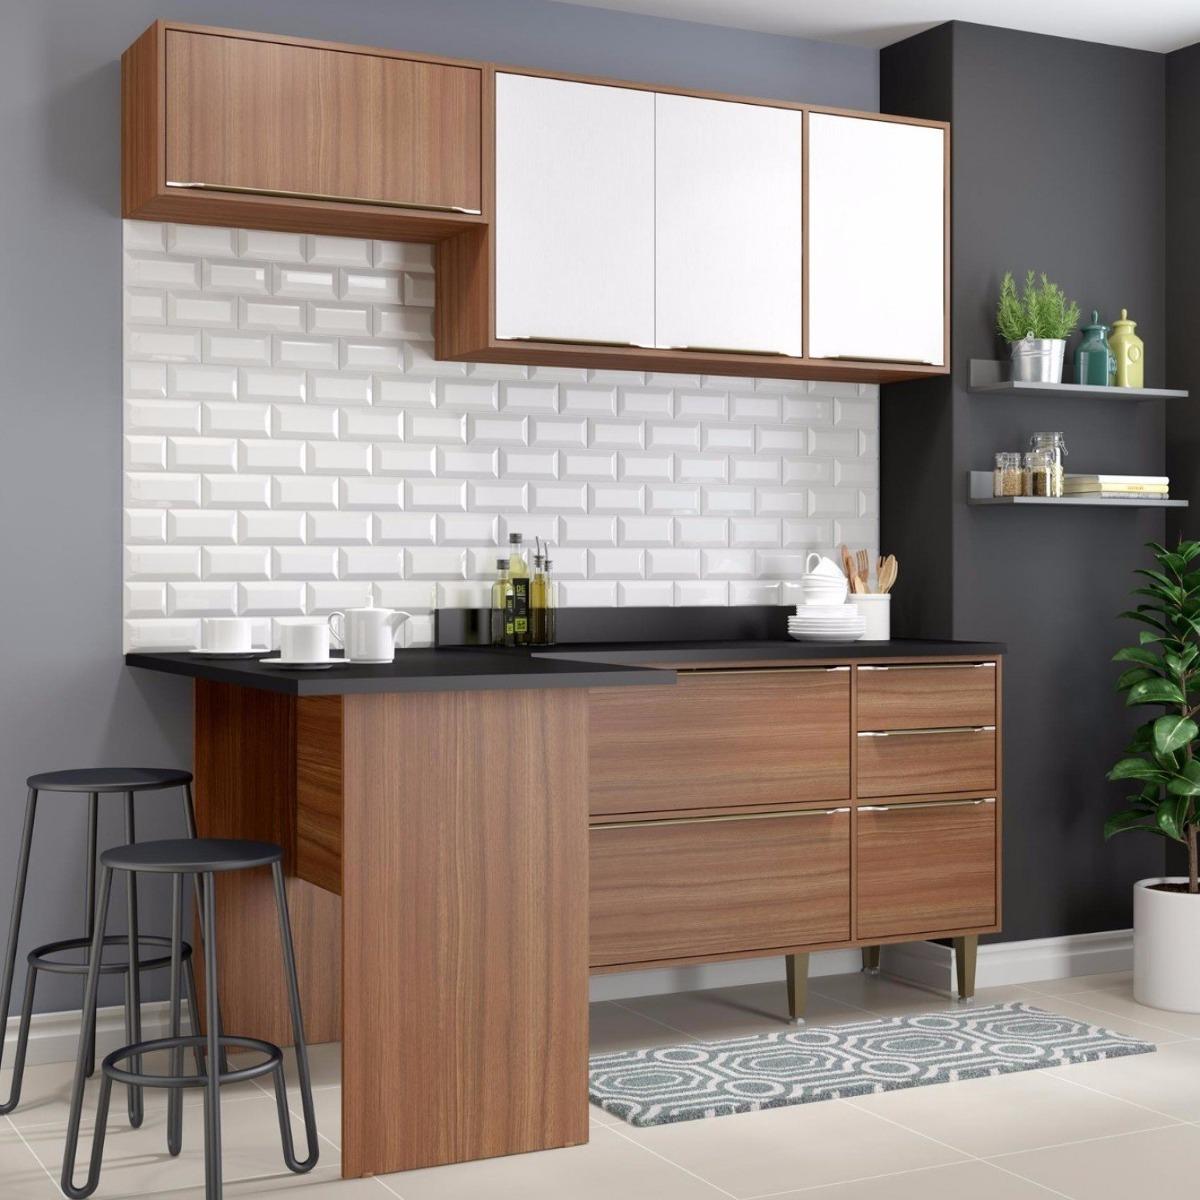 Cozinha Completa 5 M Dulos 6 Portas Cal Bria Bjwt R 902 30 Em